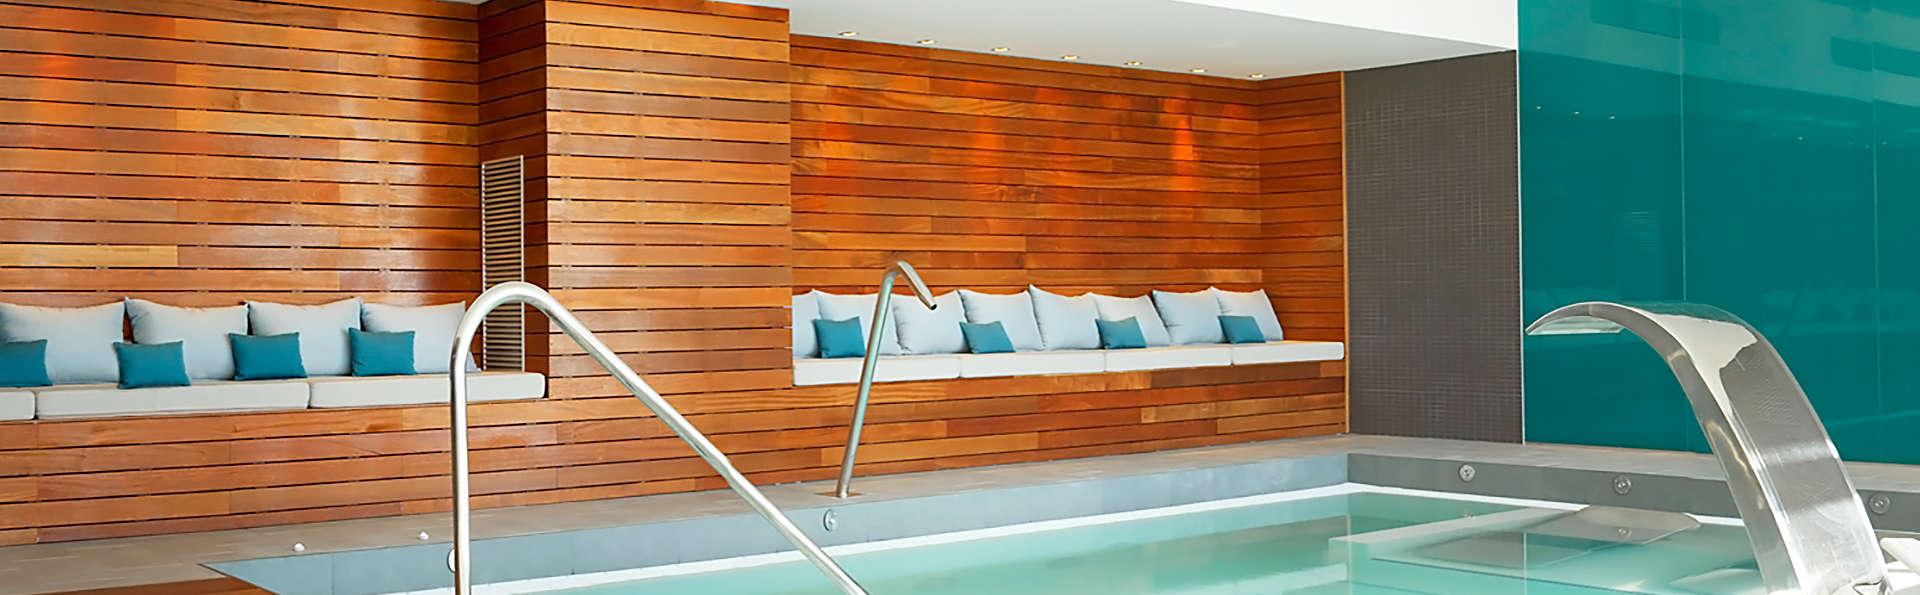 Relax total con vistas al mar: Con acceso al spa, cena, Gintonic y mucho más